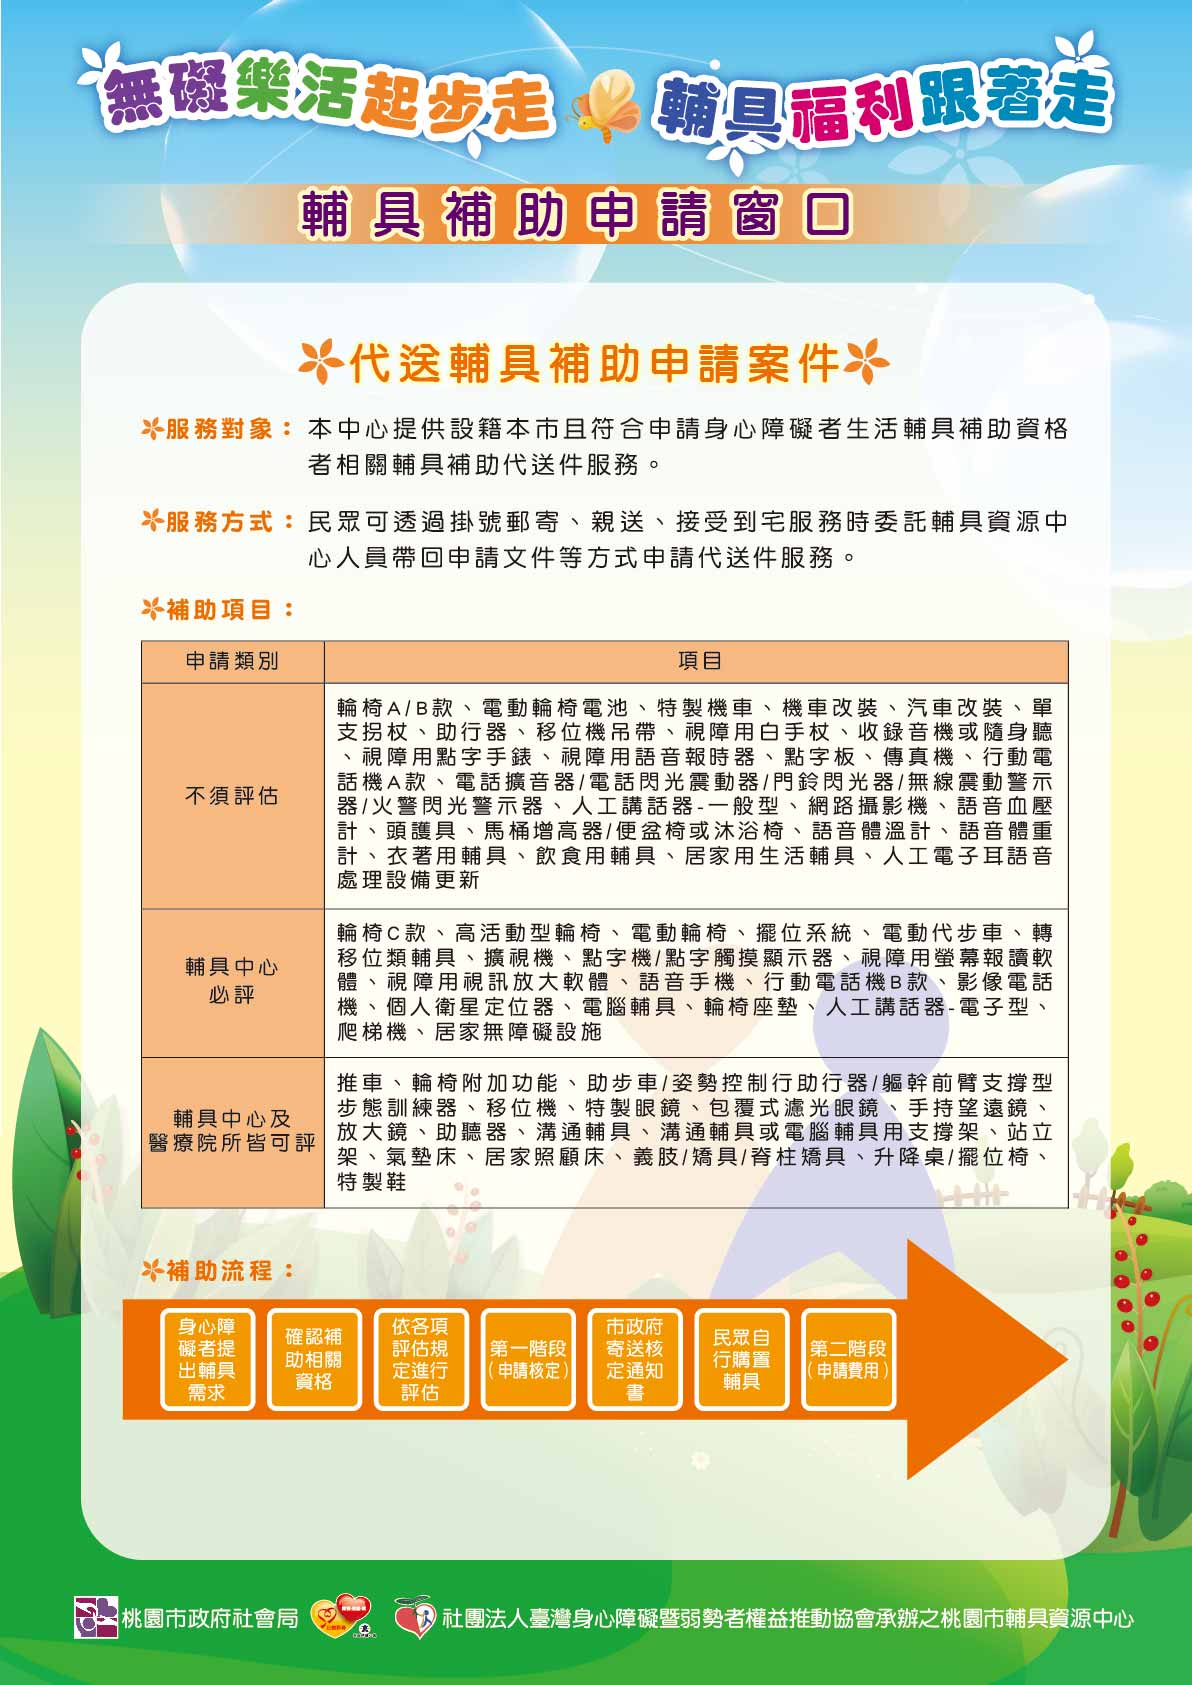 輔具05輔具補助申請窗口-1103-01(OK).jpg